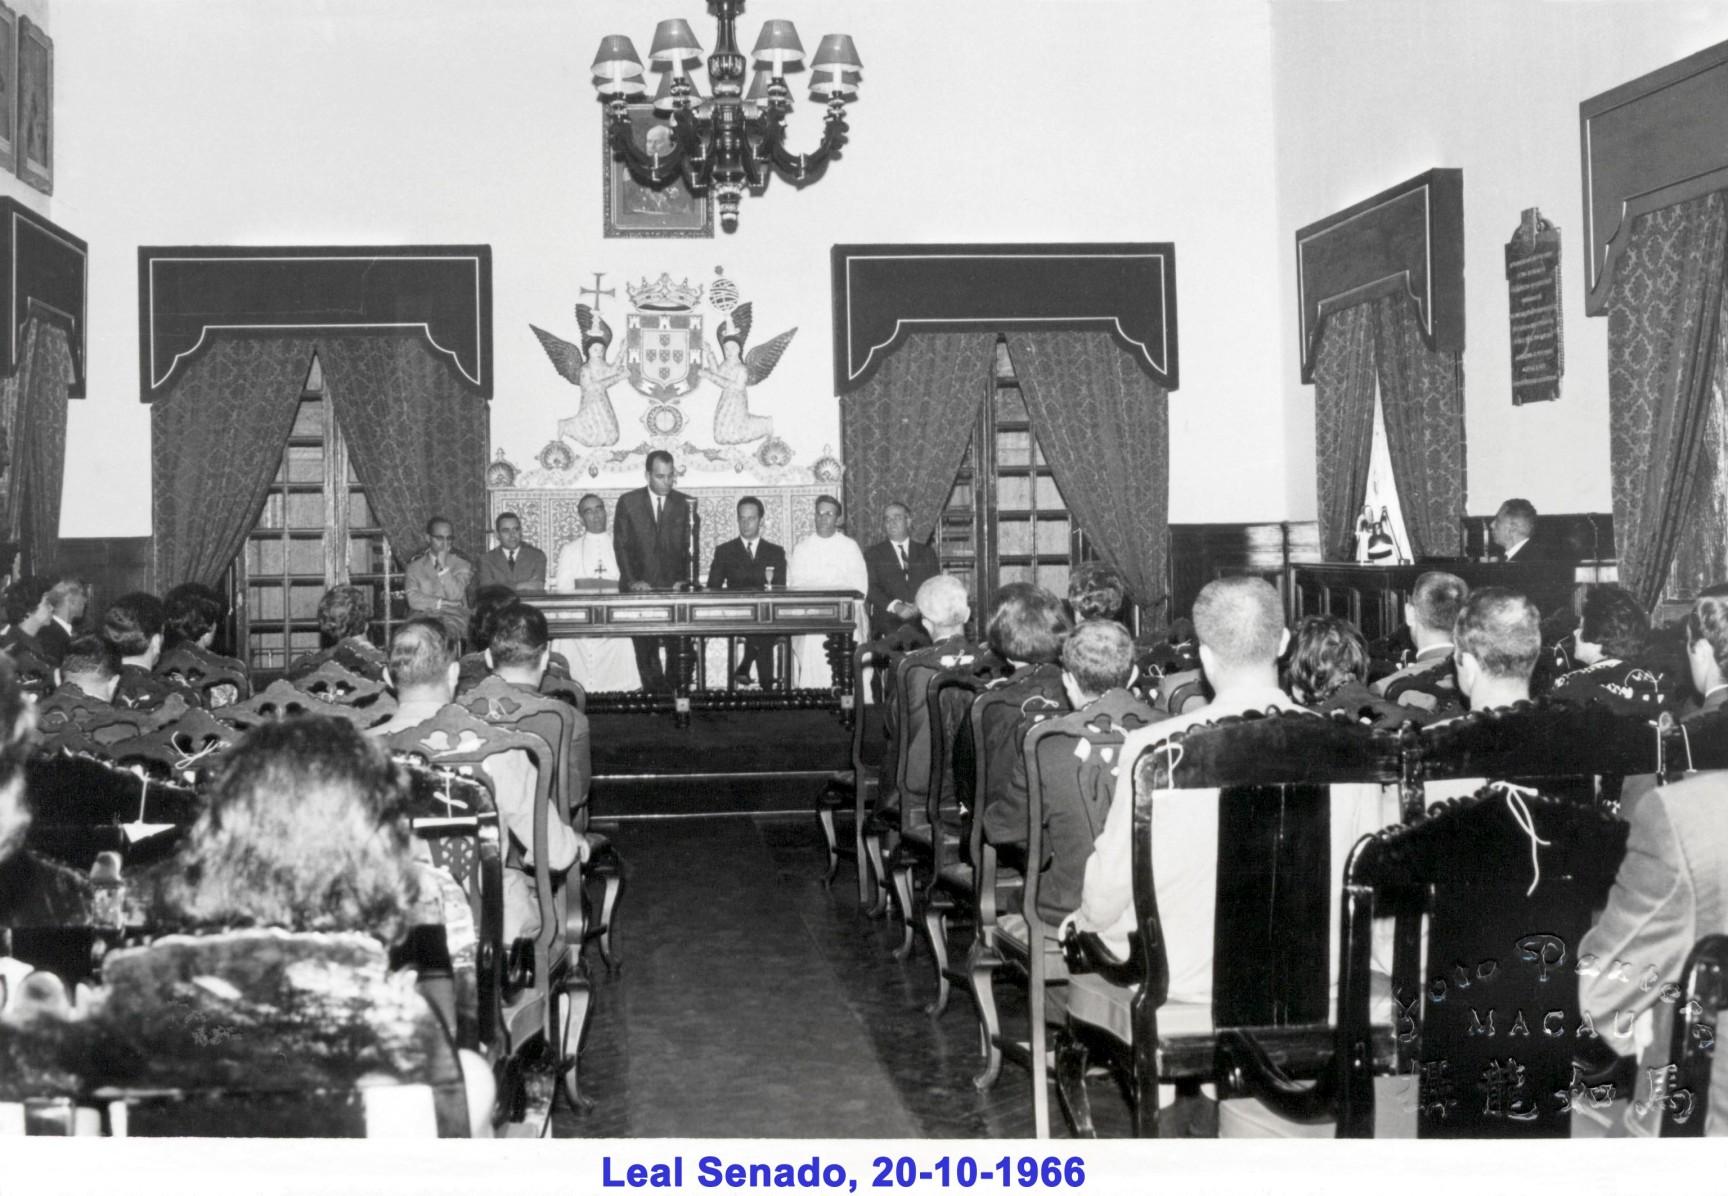 041 66-10-20 Sessão no Leal Senado